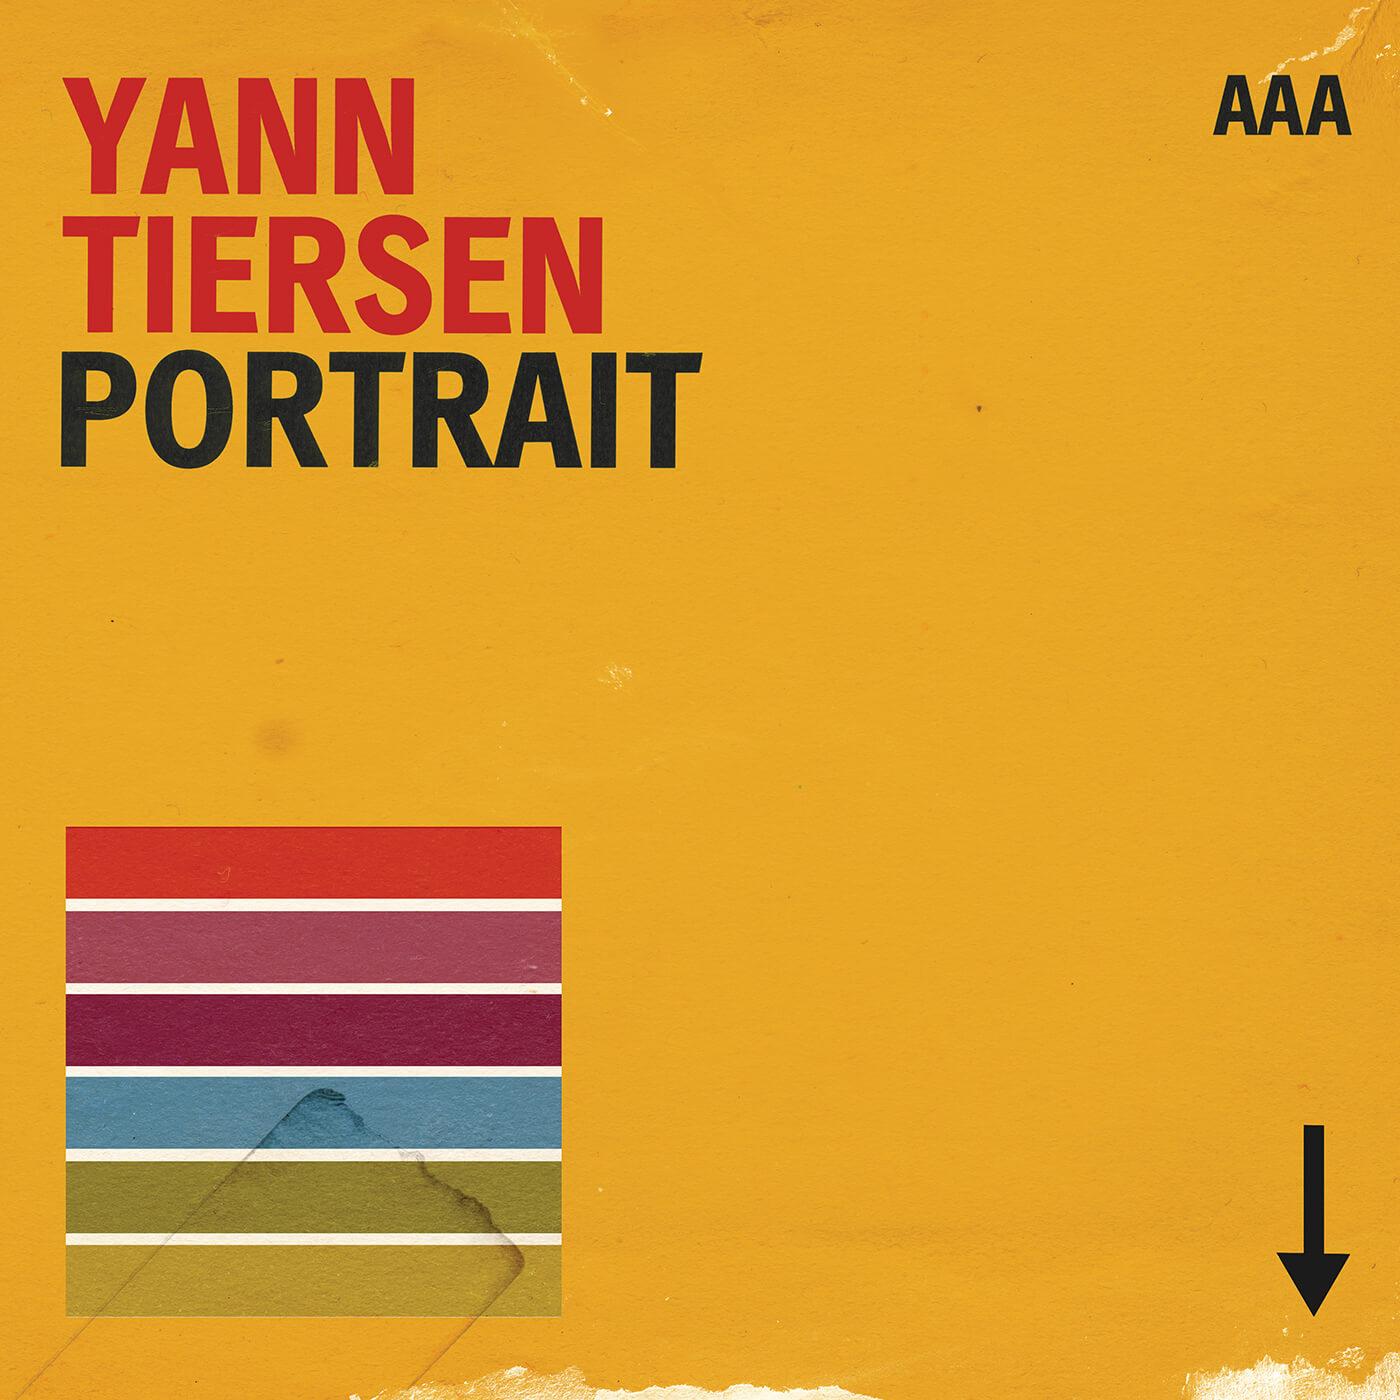 Yann Tiersen Portraits Album Cover